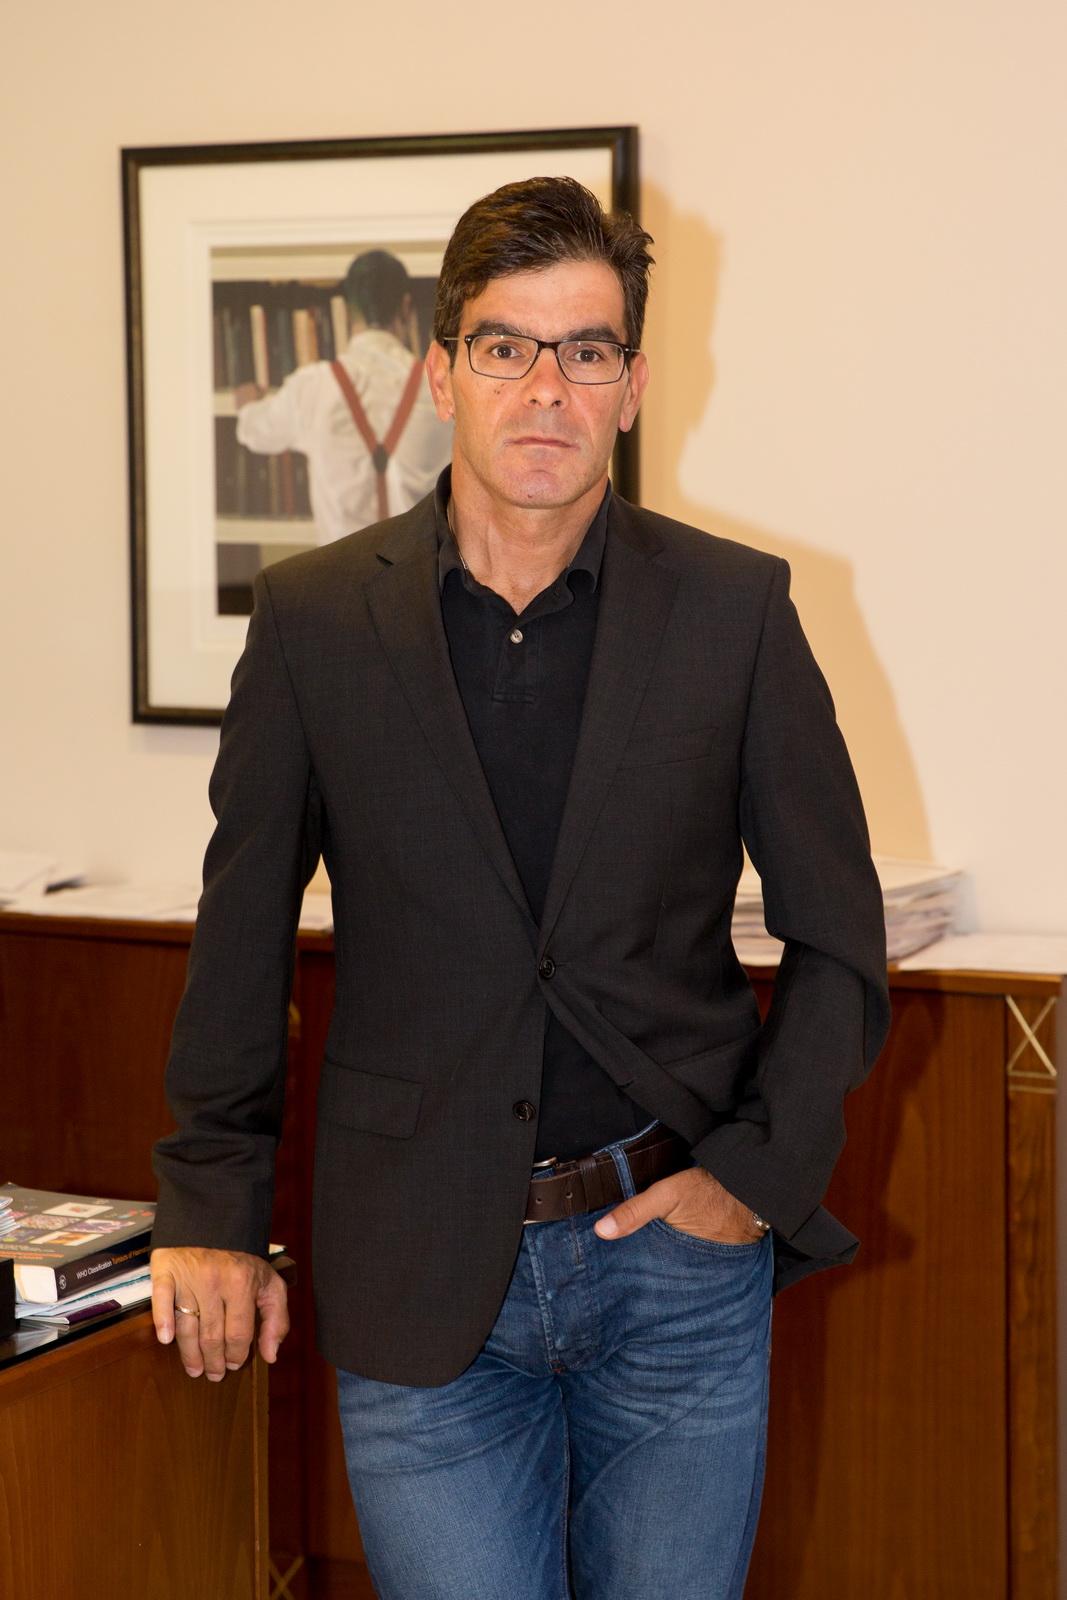 Γεώργιος Ζ. Ιωαννίδης - Αιματολόγος - Λάρισα